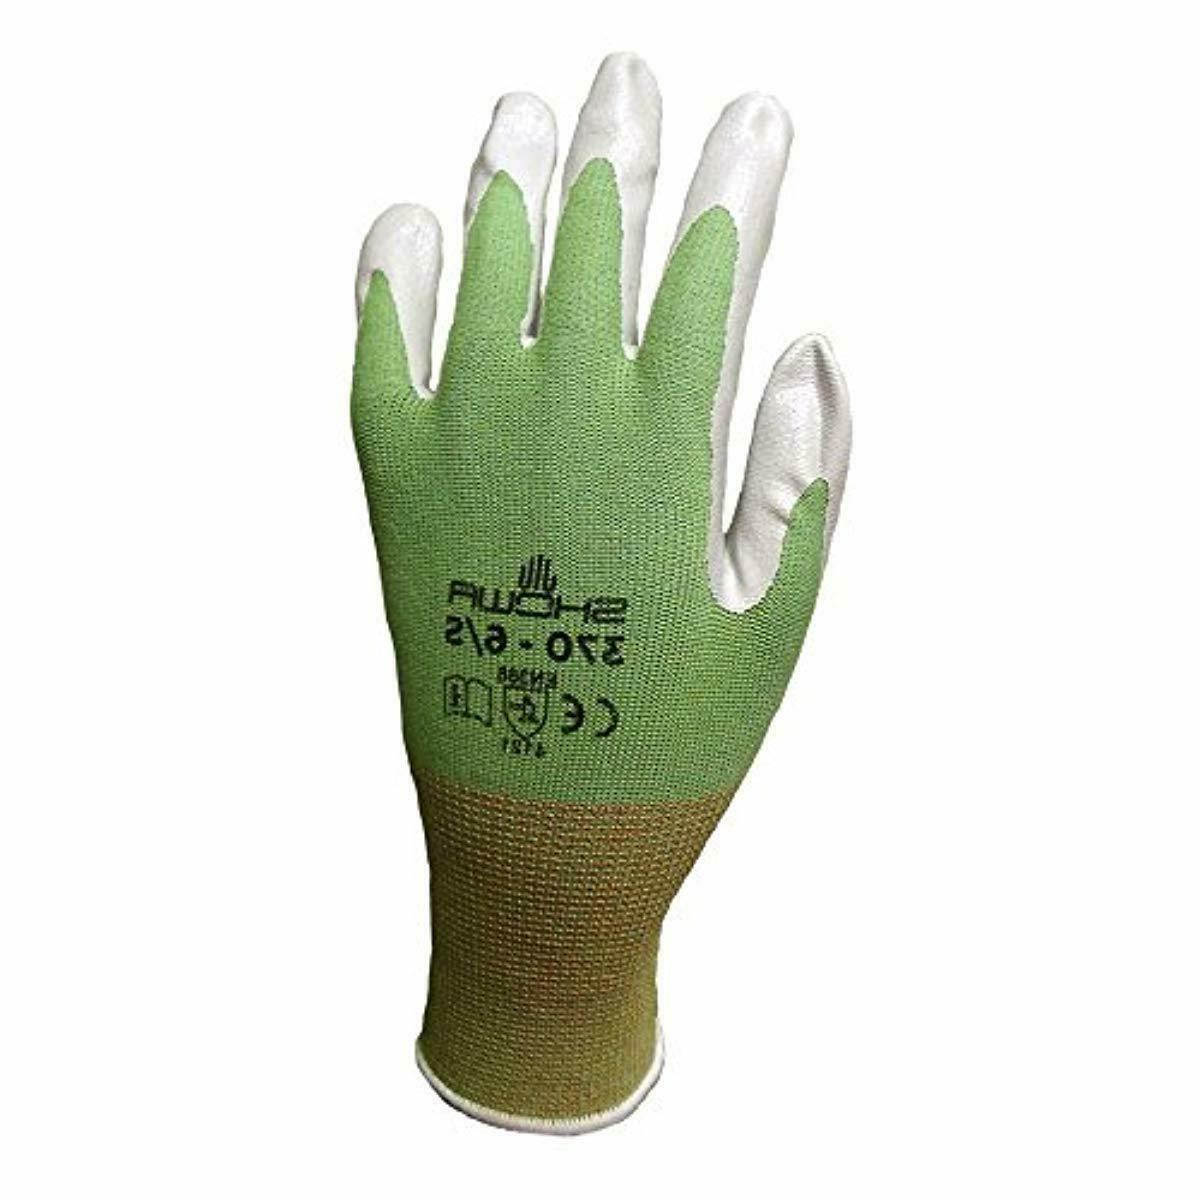 6 Gloves -